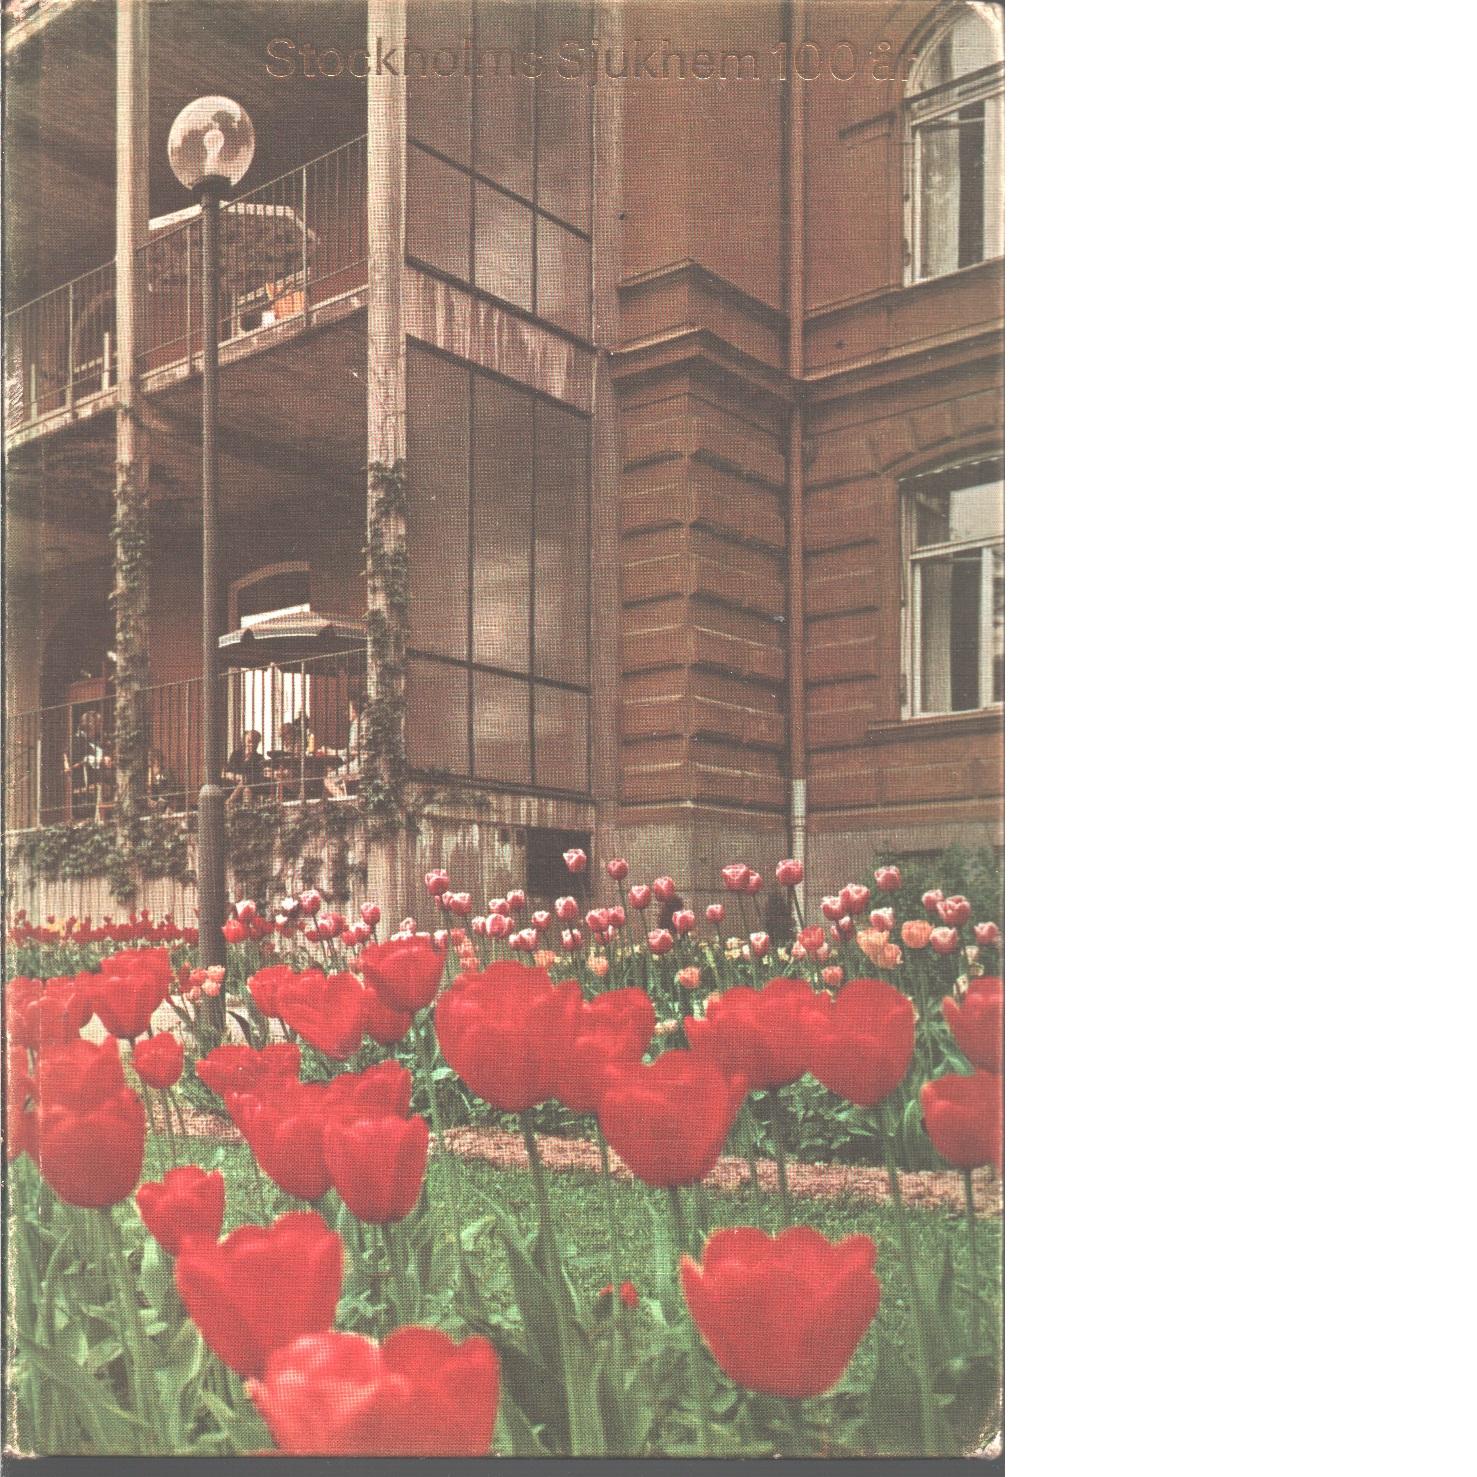 Stockholms sjukhem : minnesskrift till 100-årsjubileet år 1967 - Fogelström, Per Anders